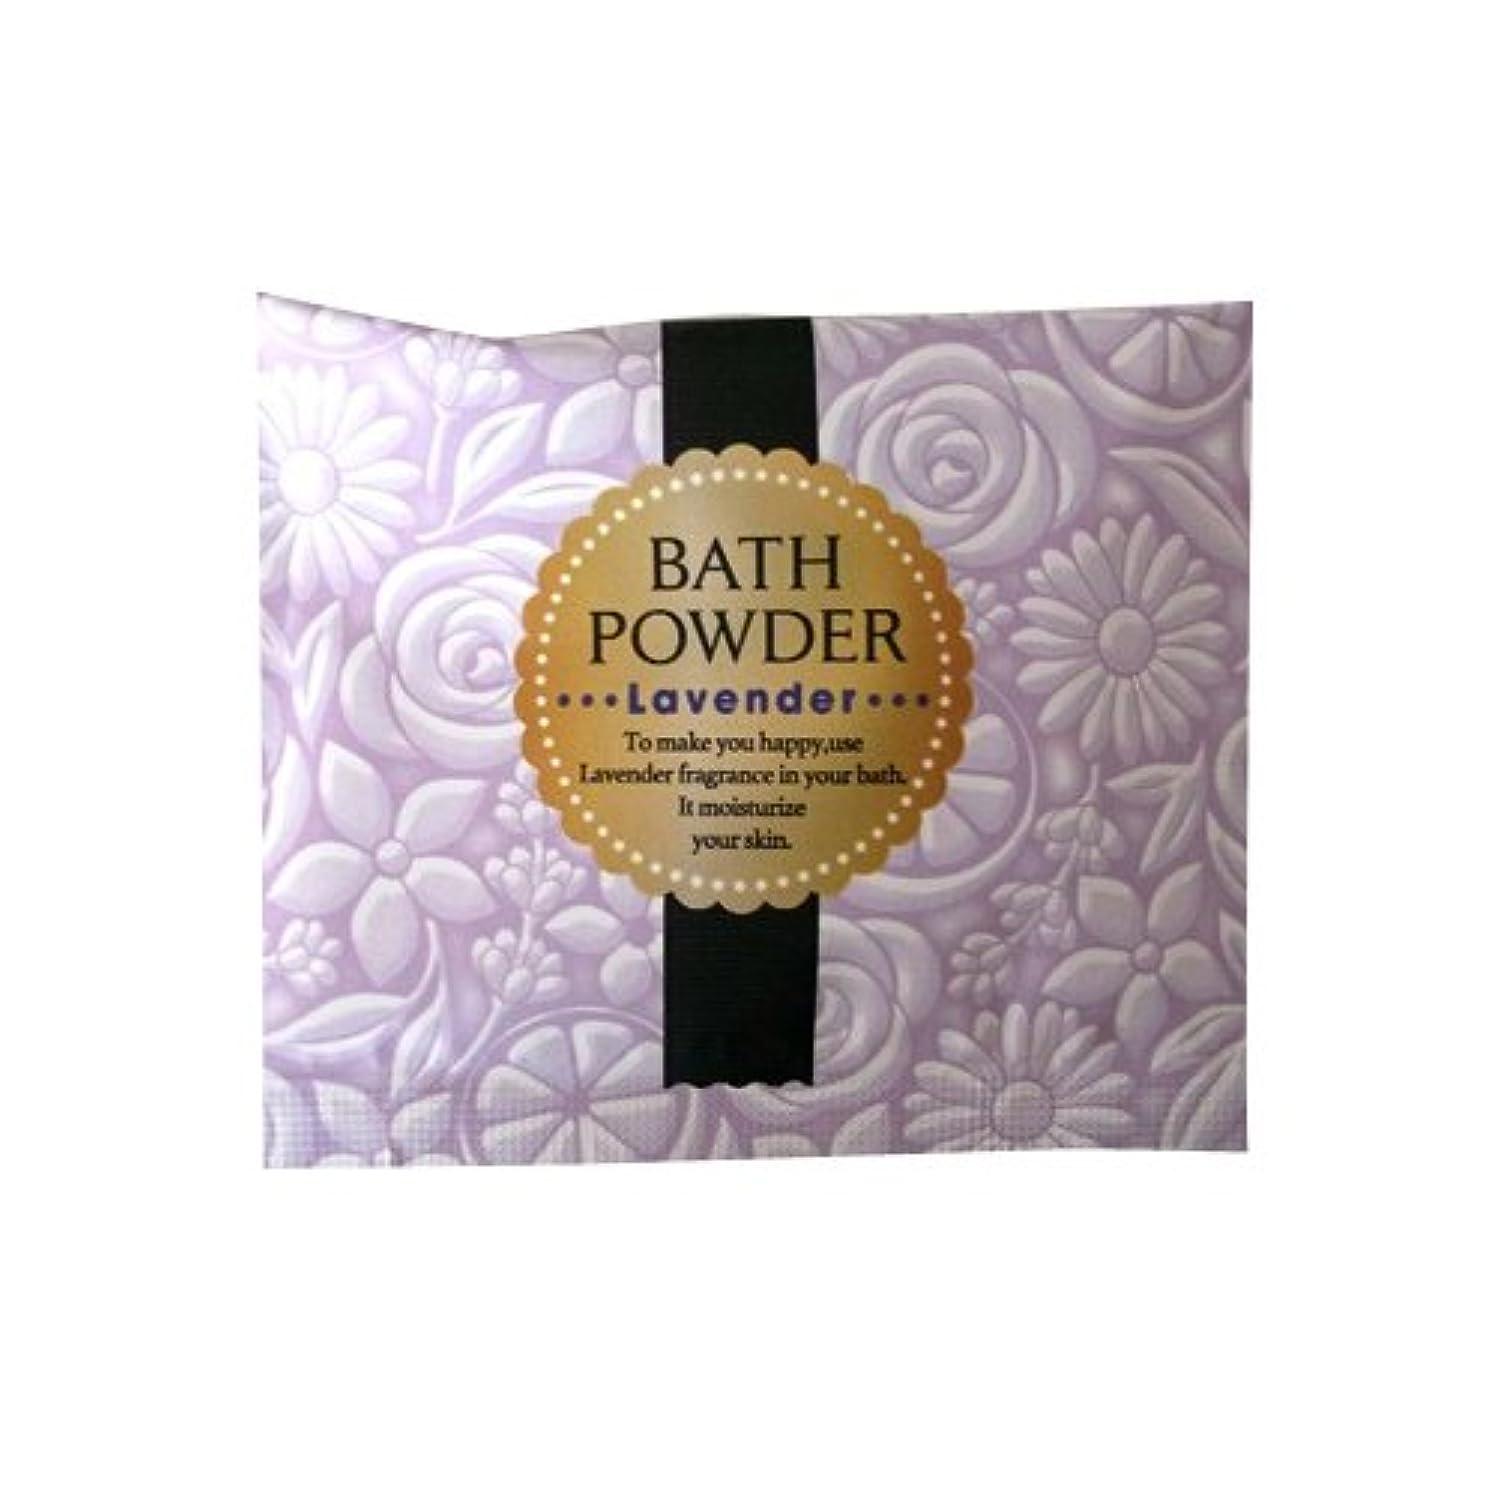 不実ジョリーに話す入浴剤 LUCKY BATH (ラッキーバス) 25g ラベンダーの香り